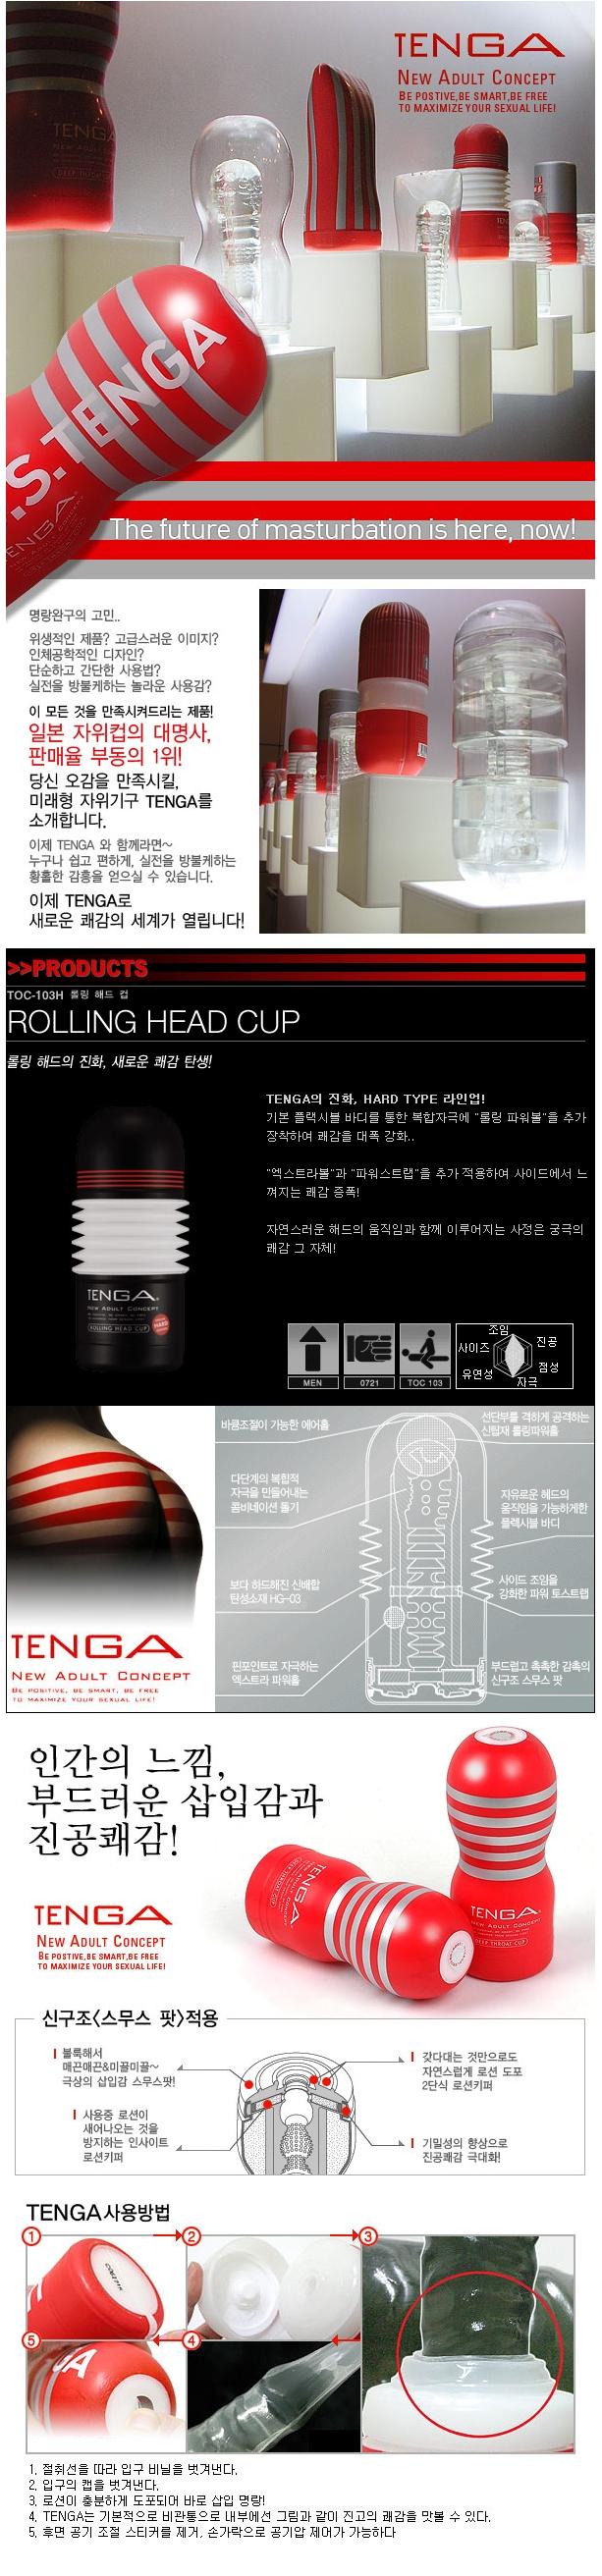 남자 자위기구 오나홀 TENGA 텐가 롤링 헤드 컵